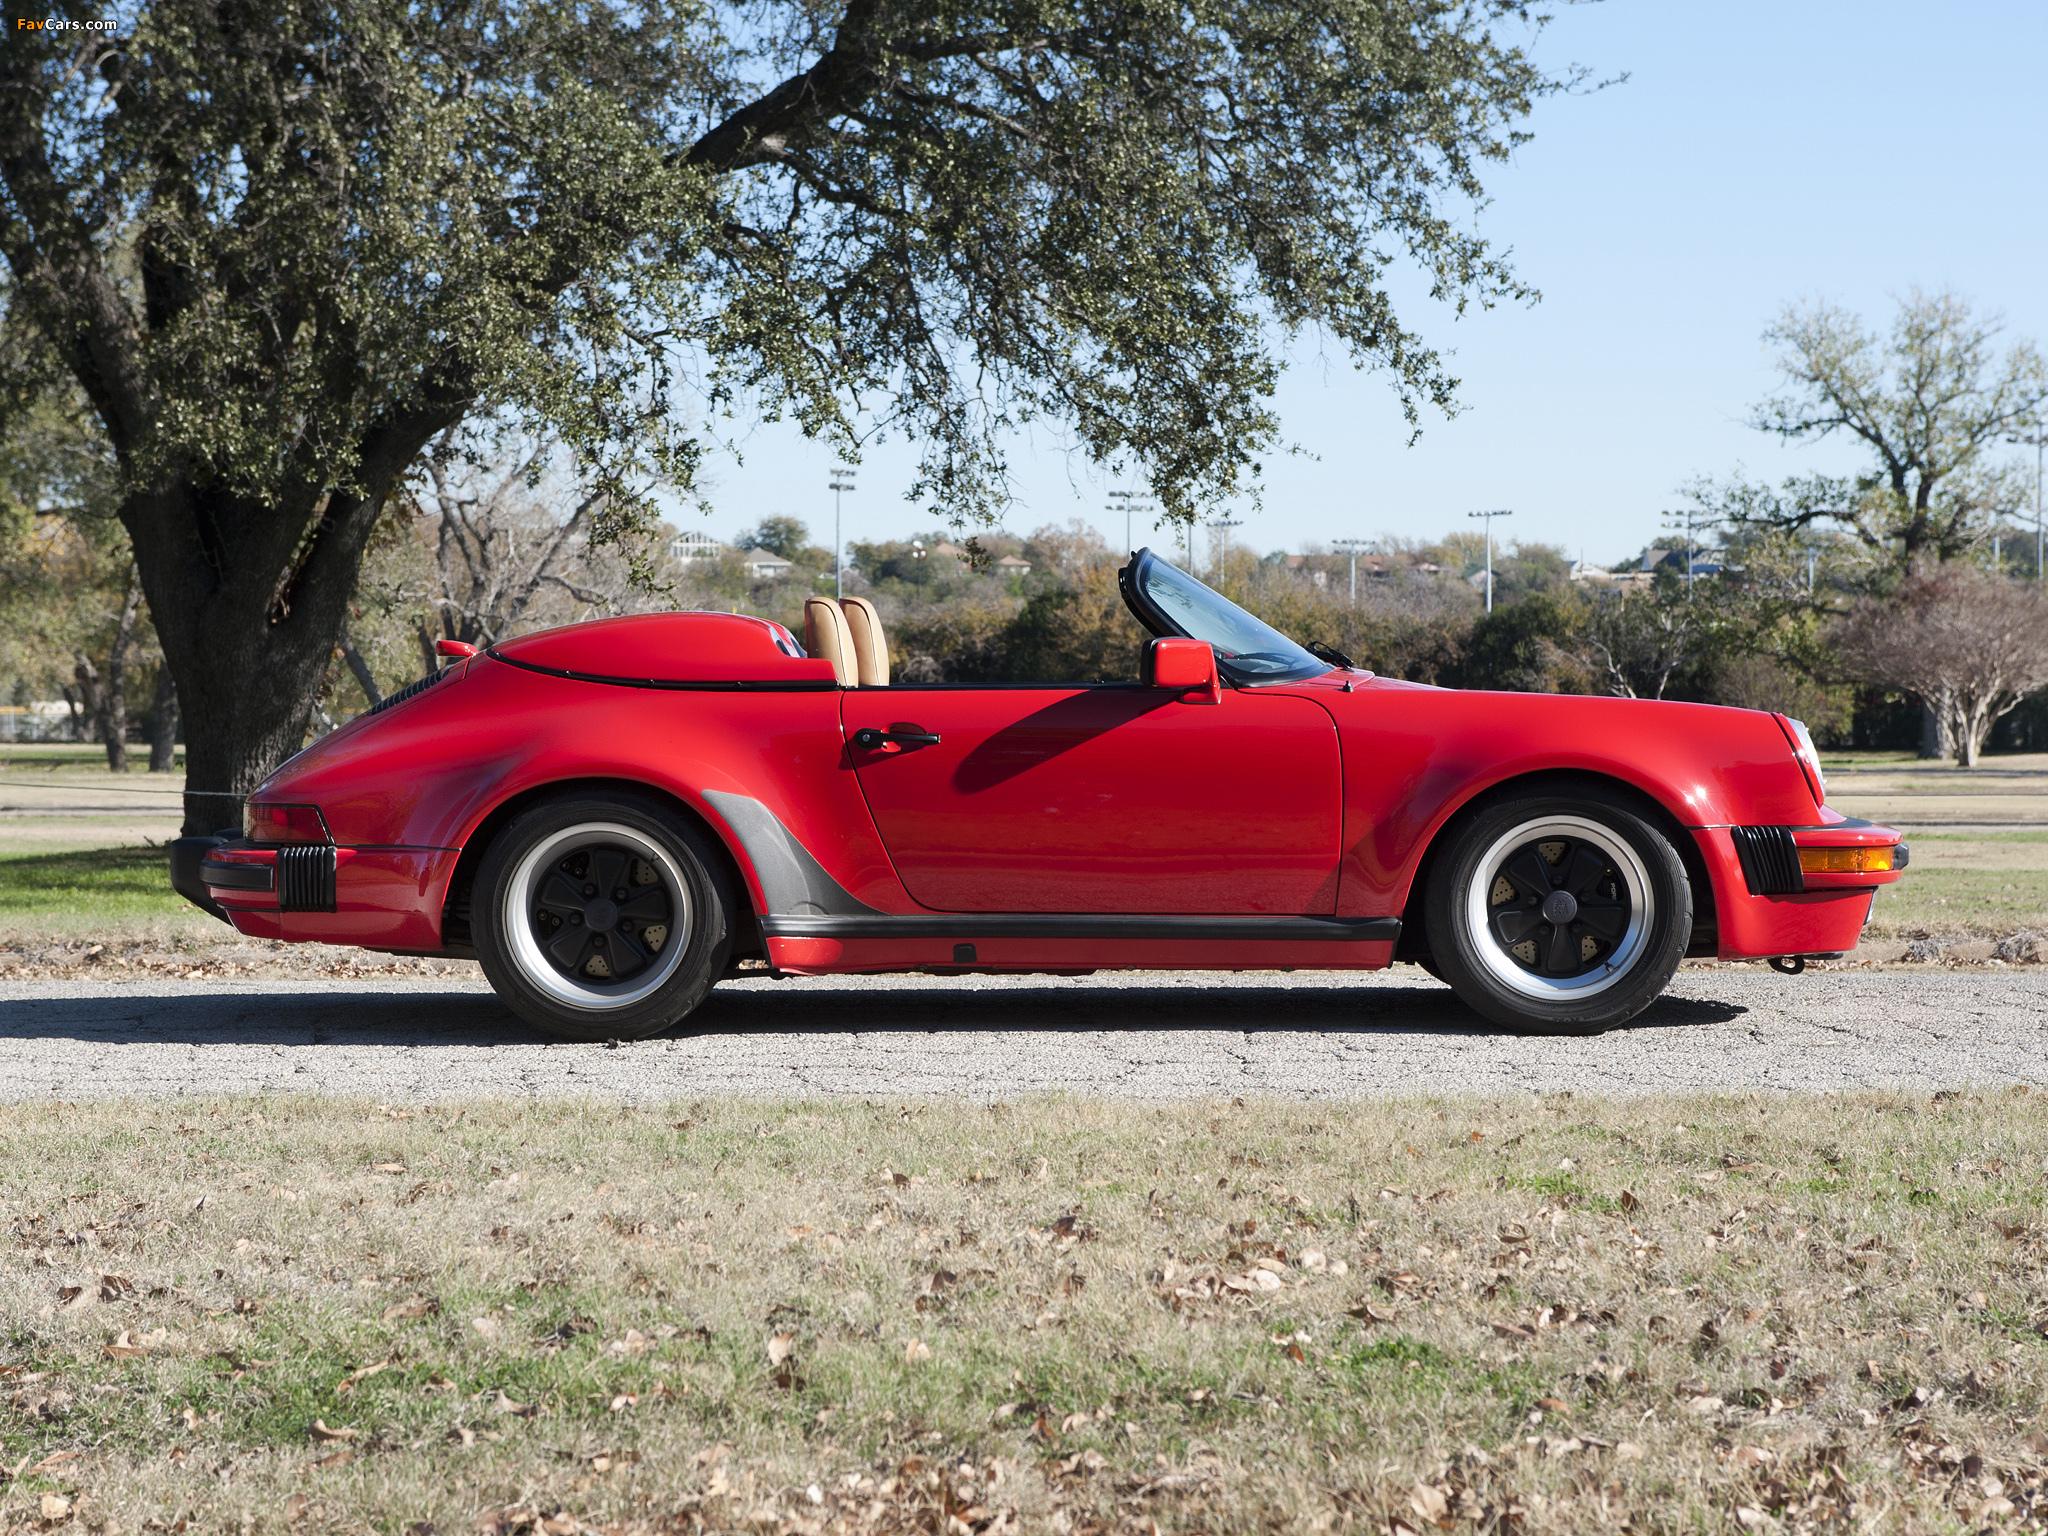 Porsche 911 Carrera Speedster Turbolook 930 1989 Pictures 2048x1536